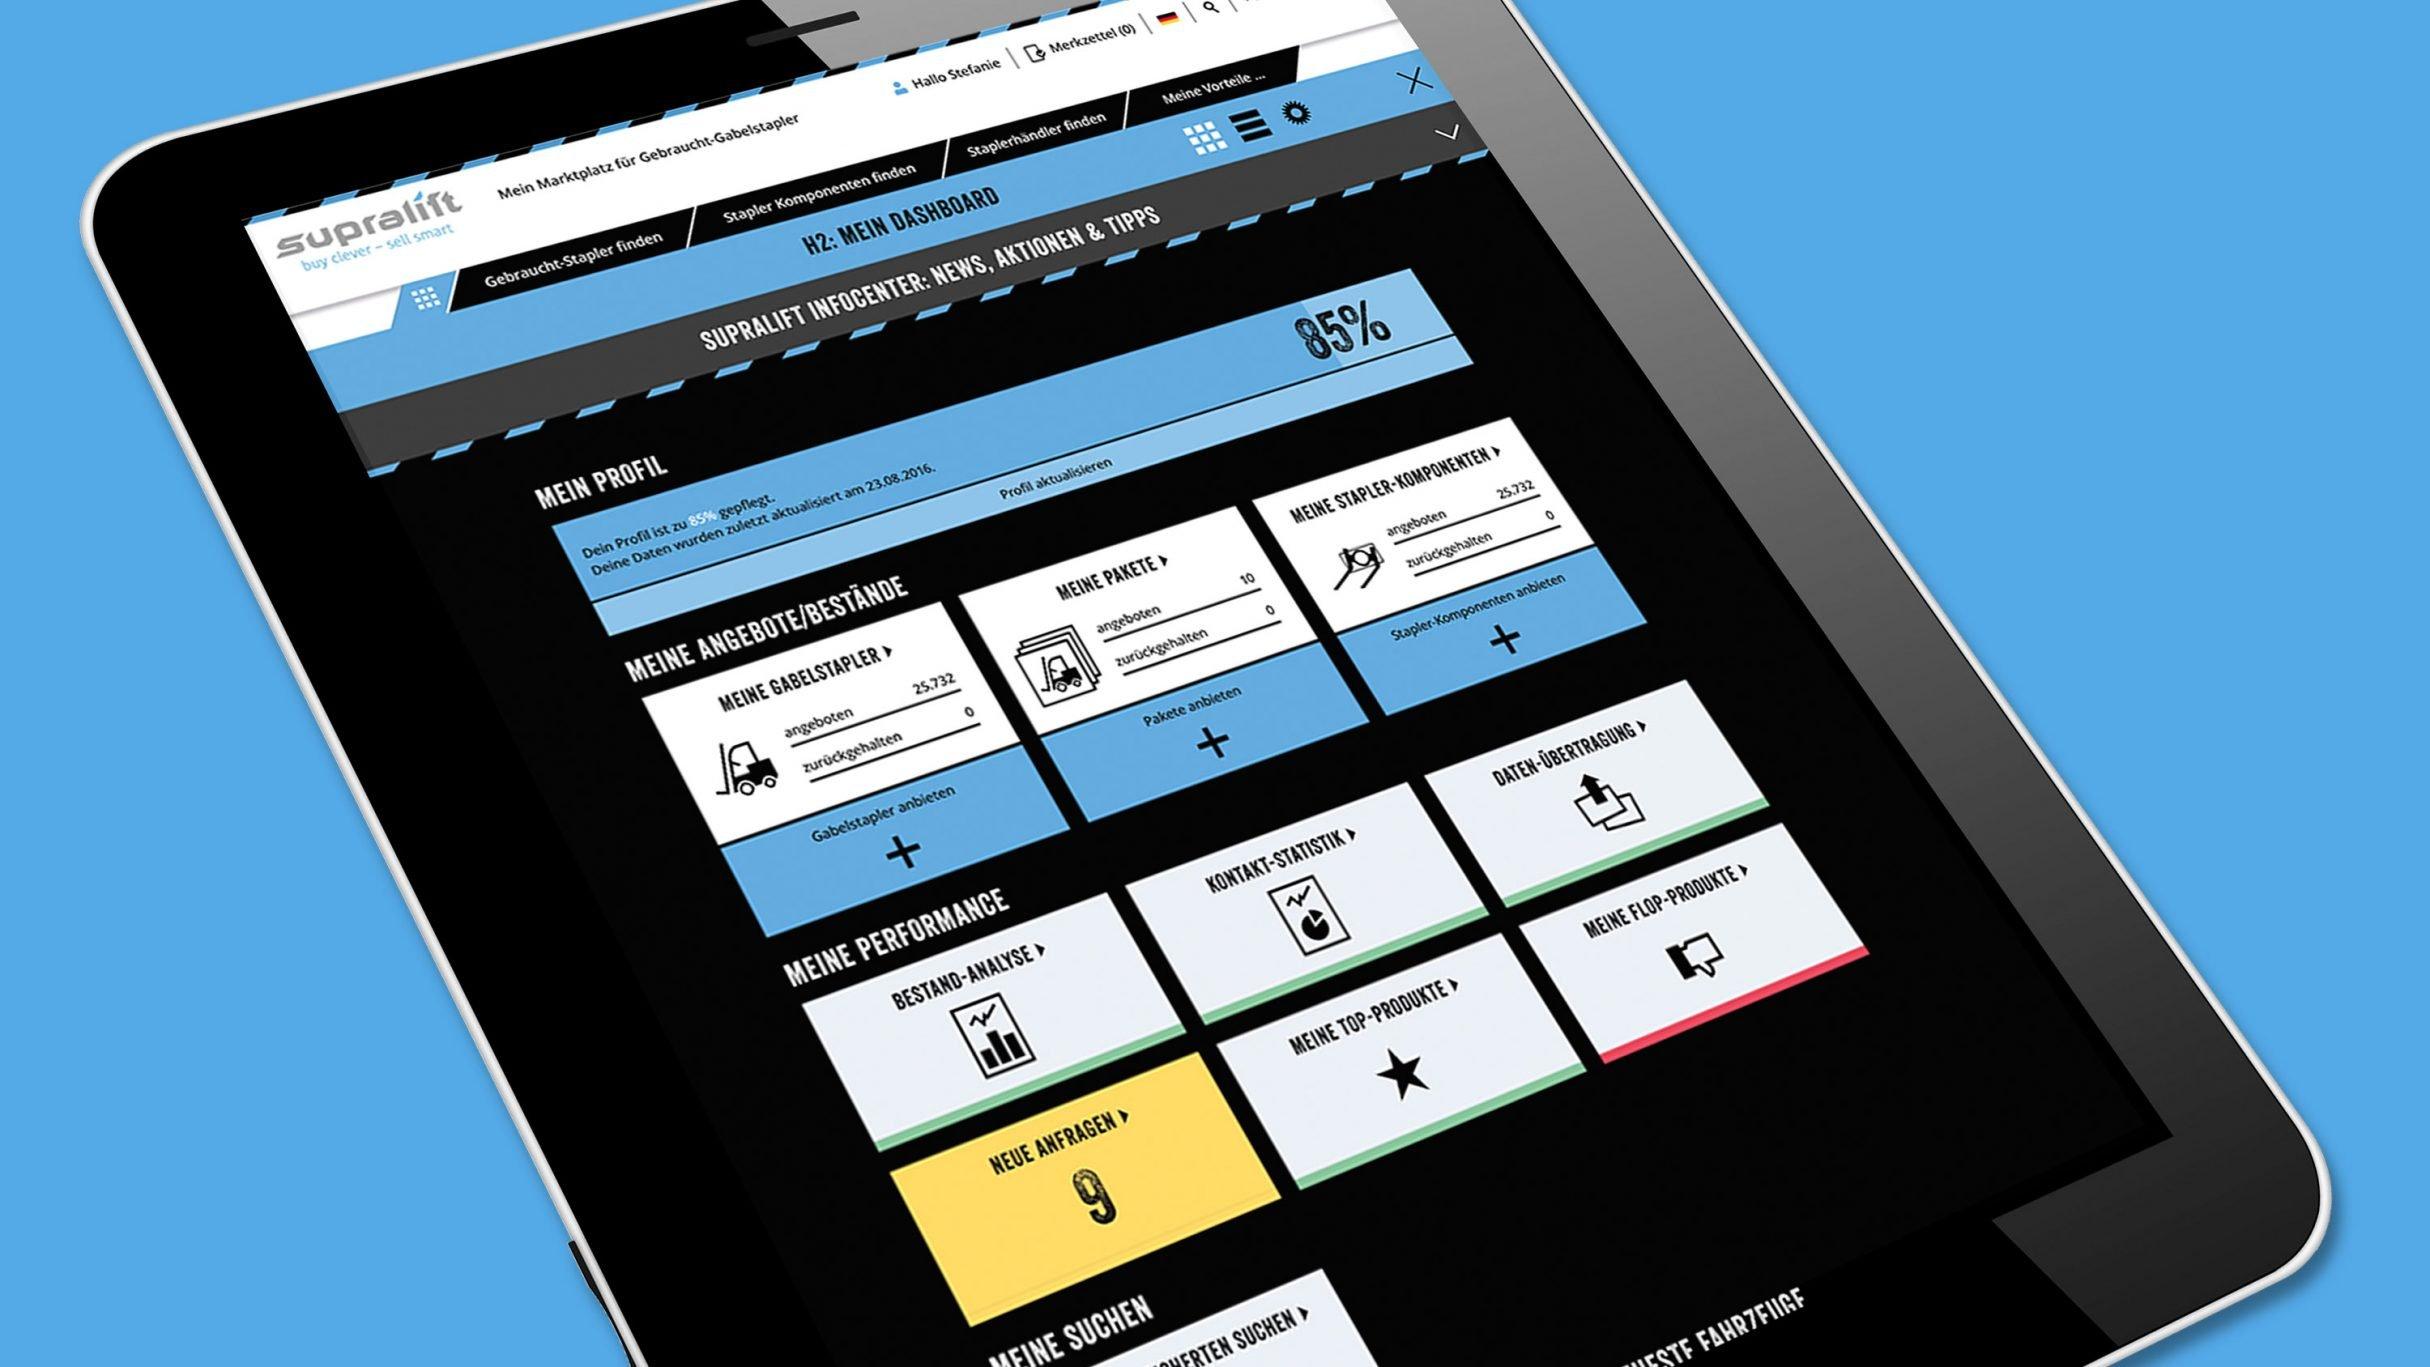 Webportal Dashboard für Supralift Gebrauchtgabelstapler: DIE NEUDENKER® Agentur, Darmstadt